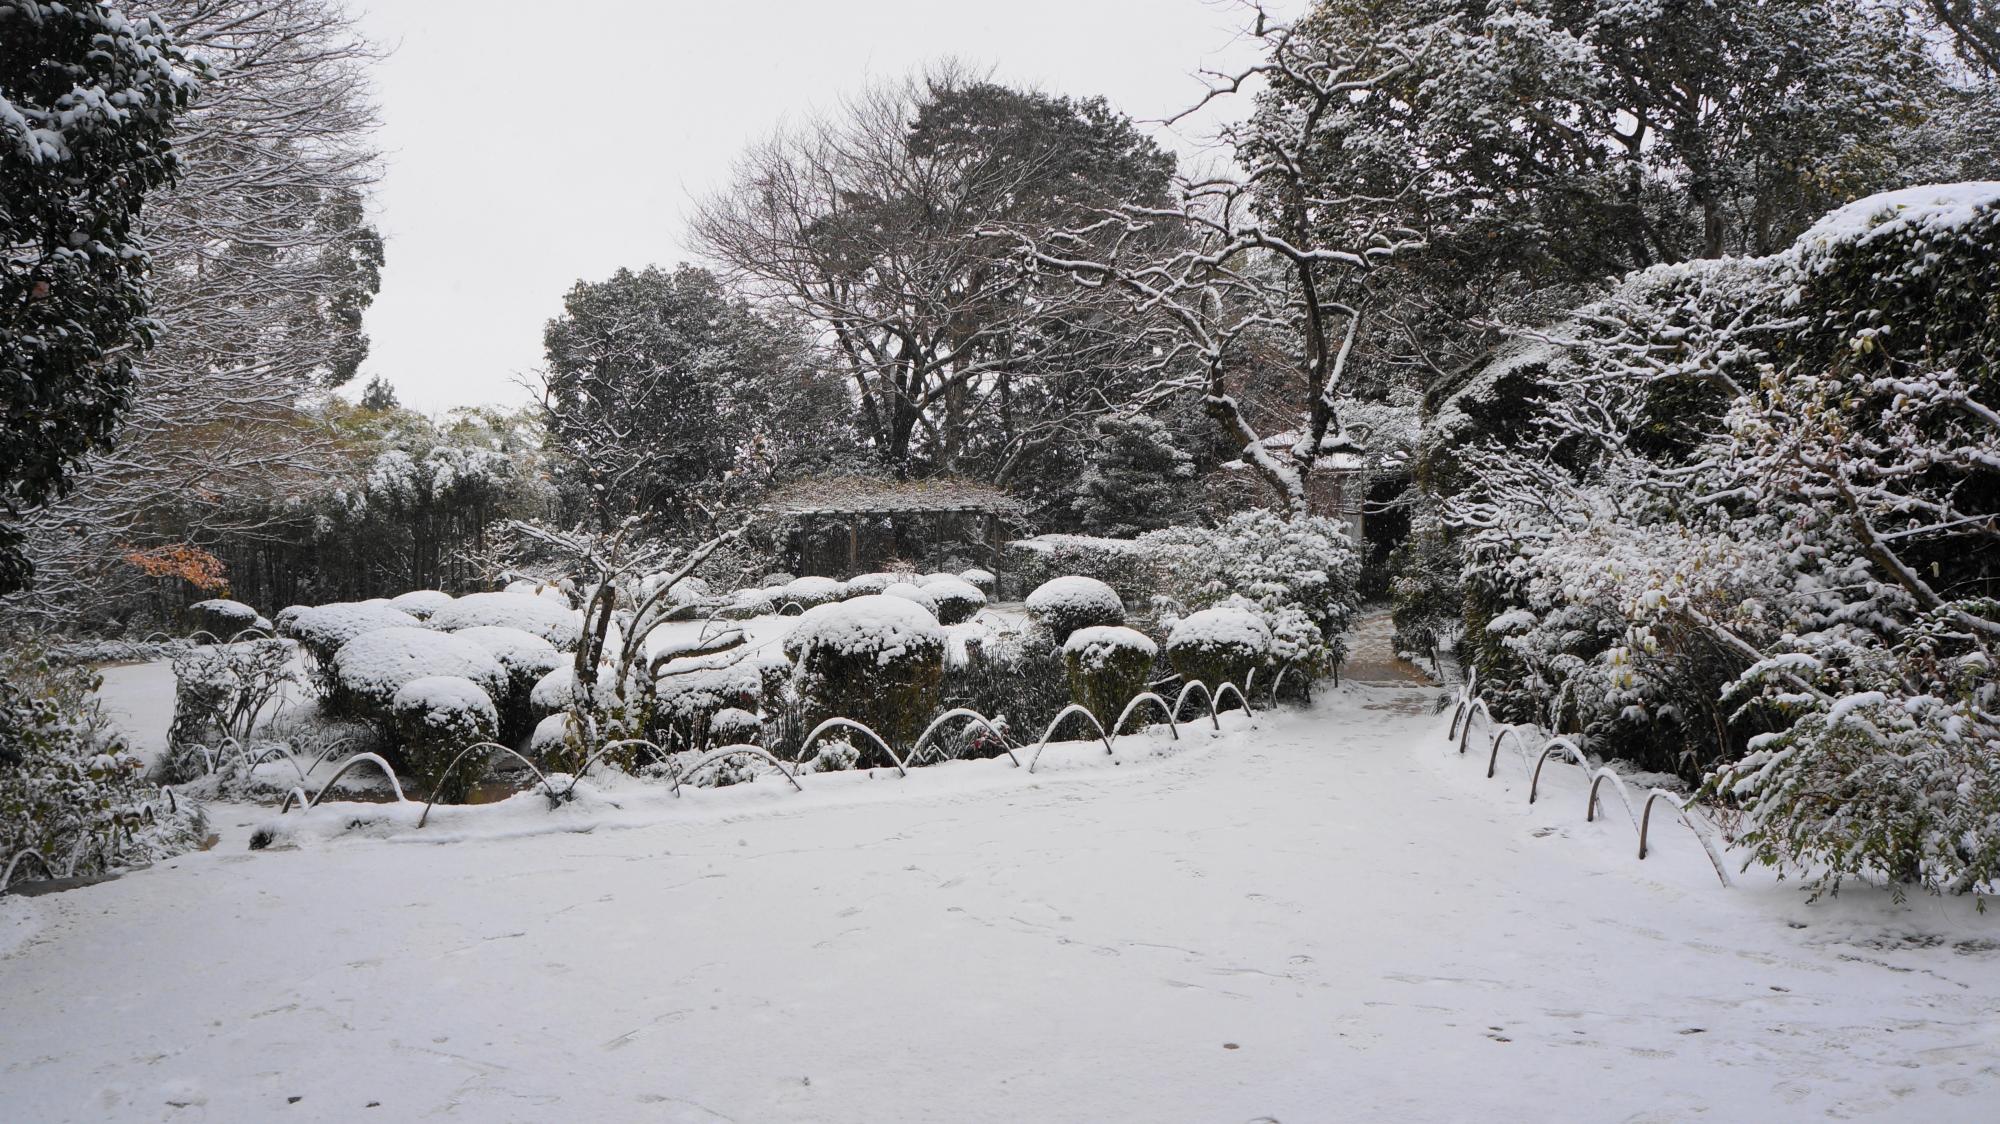 サツキやもみじなどの木々も白くそまる詩仙堂